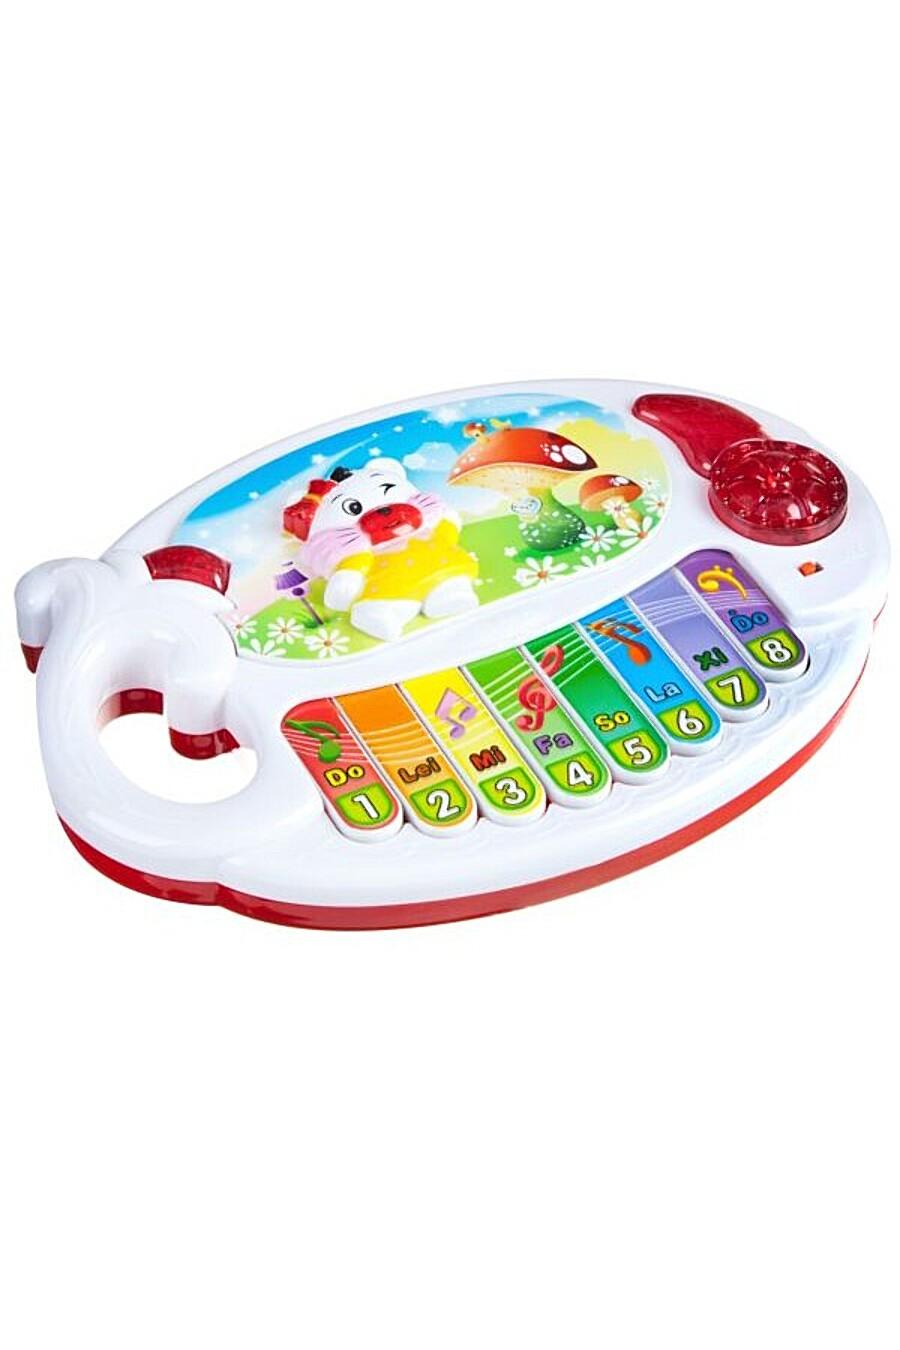 Музыкальный инструмент для детей BONNA 348491 купить оптом от производителя. Совместная покупка игрушек в OptMoyo